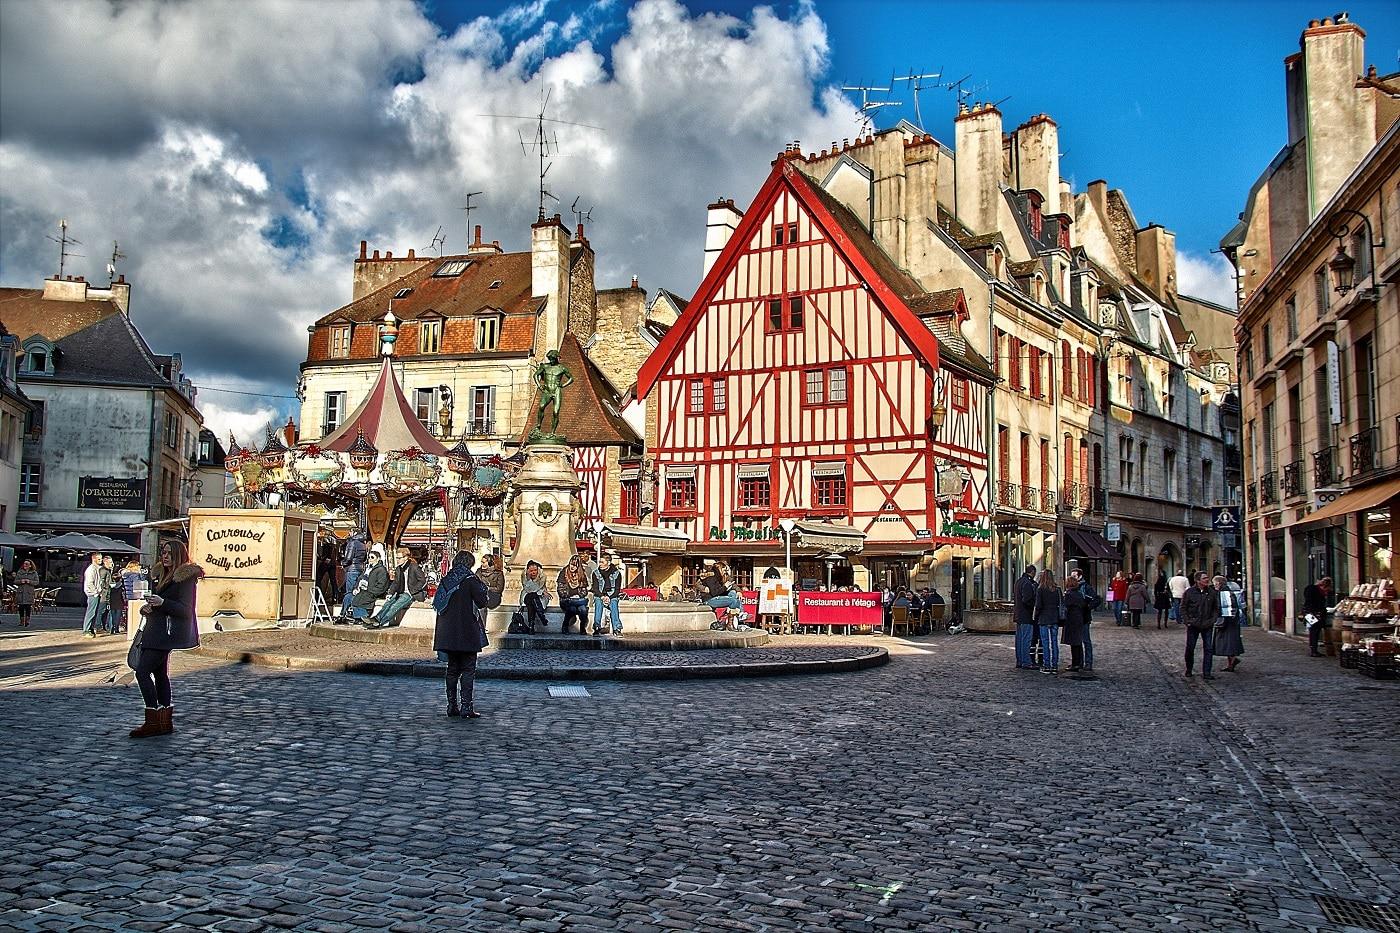 O zi obișnuită în Dijon